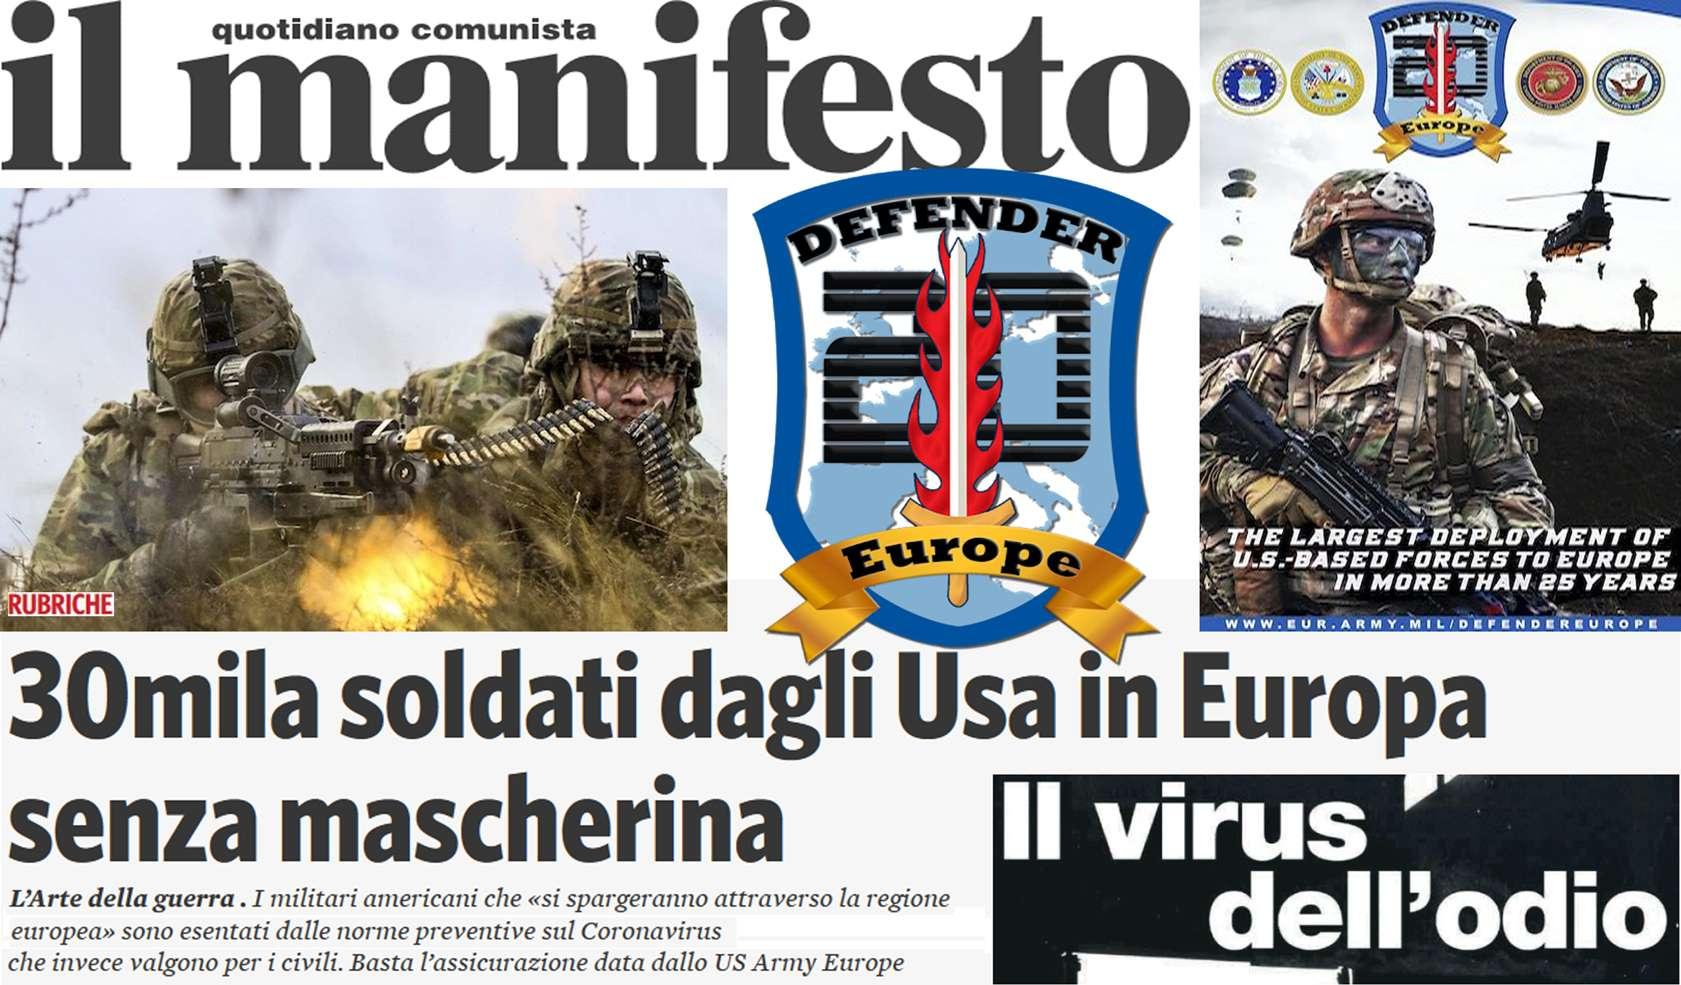 Απατηλές μάσκες του κορανοϊού στα μάτια 30.000 Αμερικανοί στρατιώτες εισβάλουν στην Ευρώπη